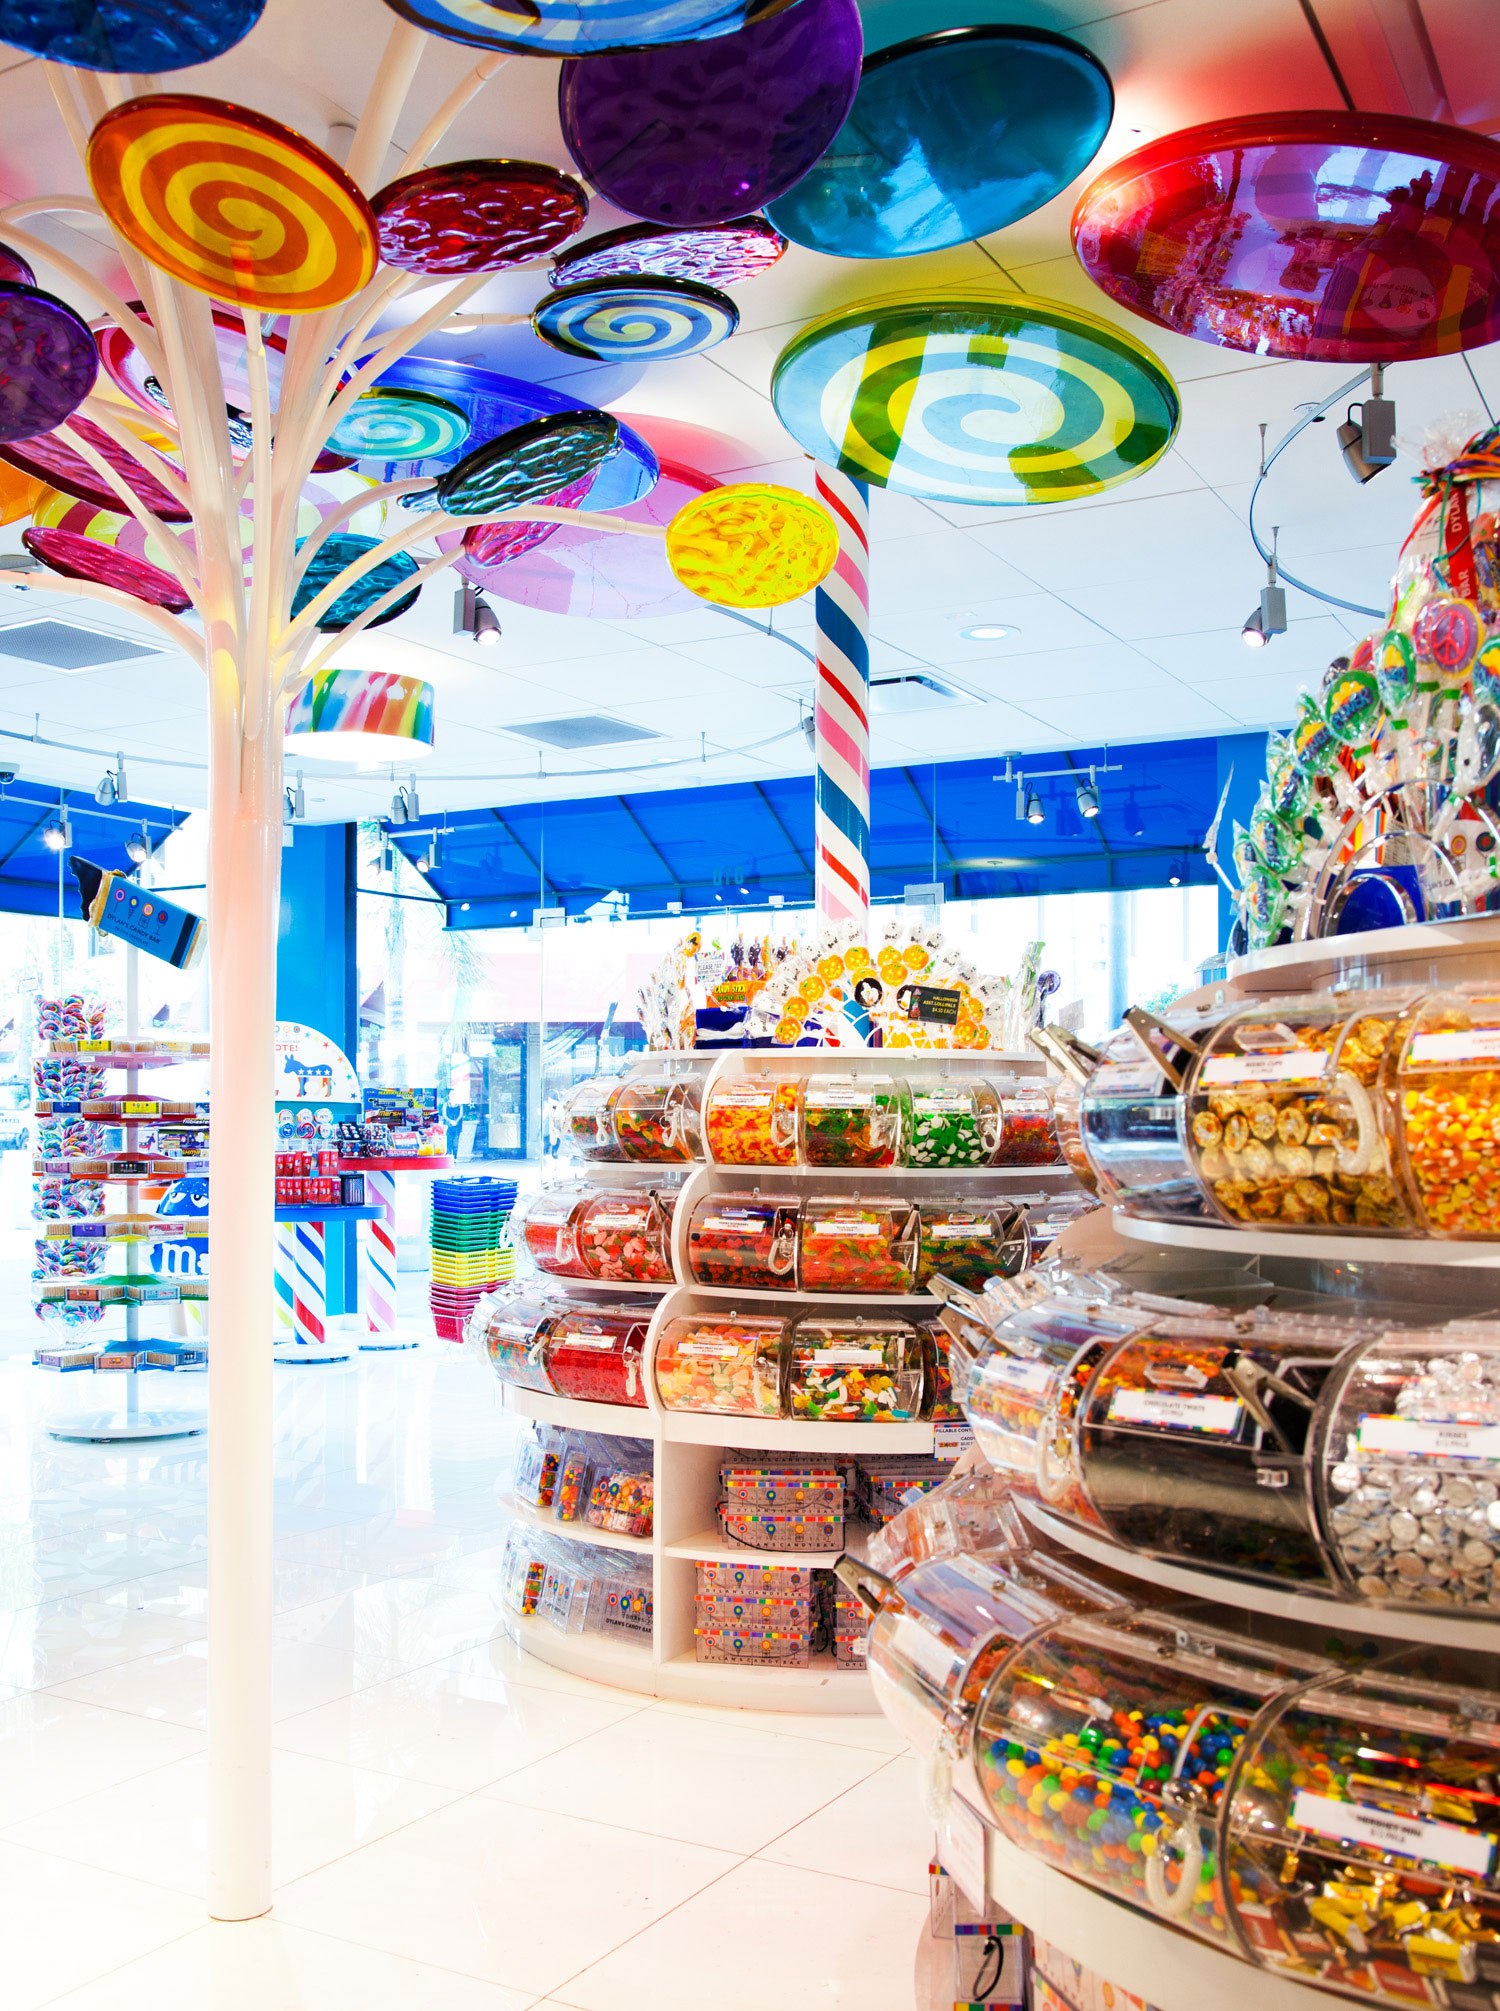 Enter Candyland